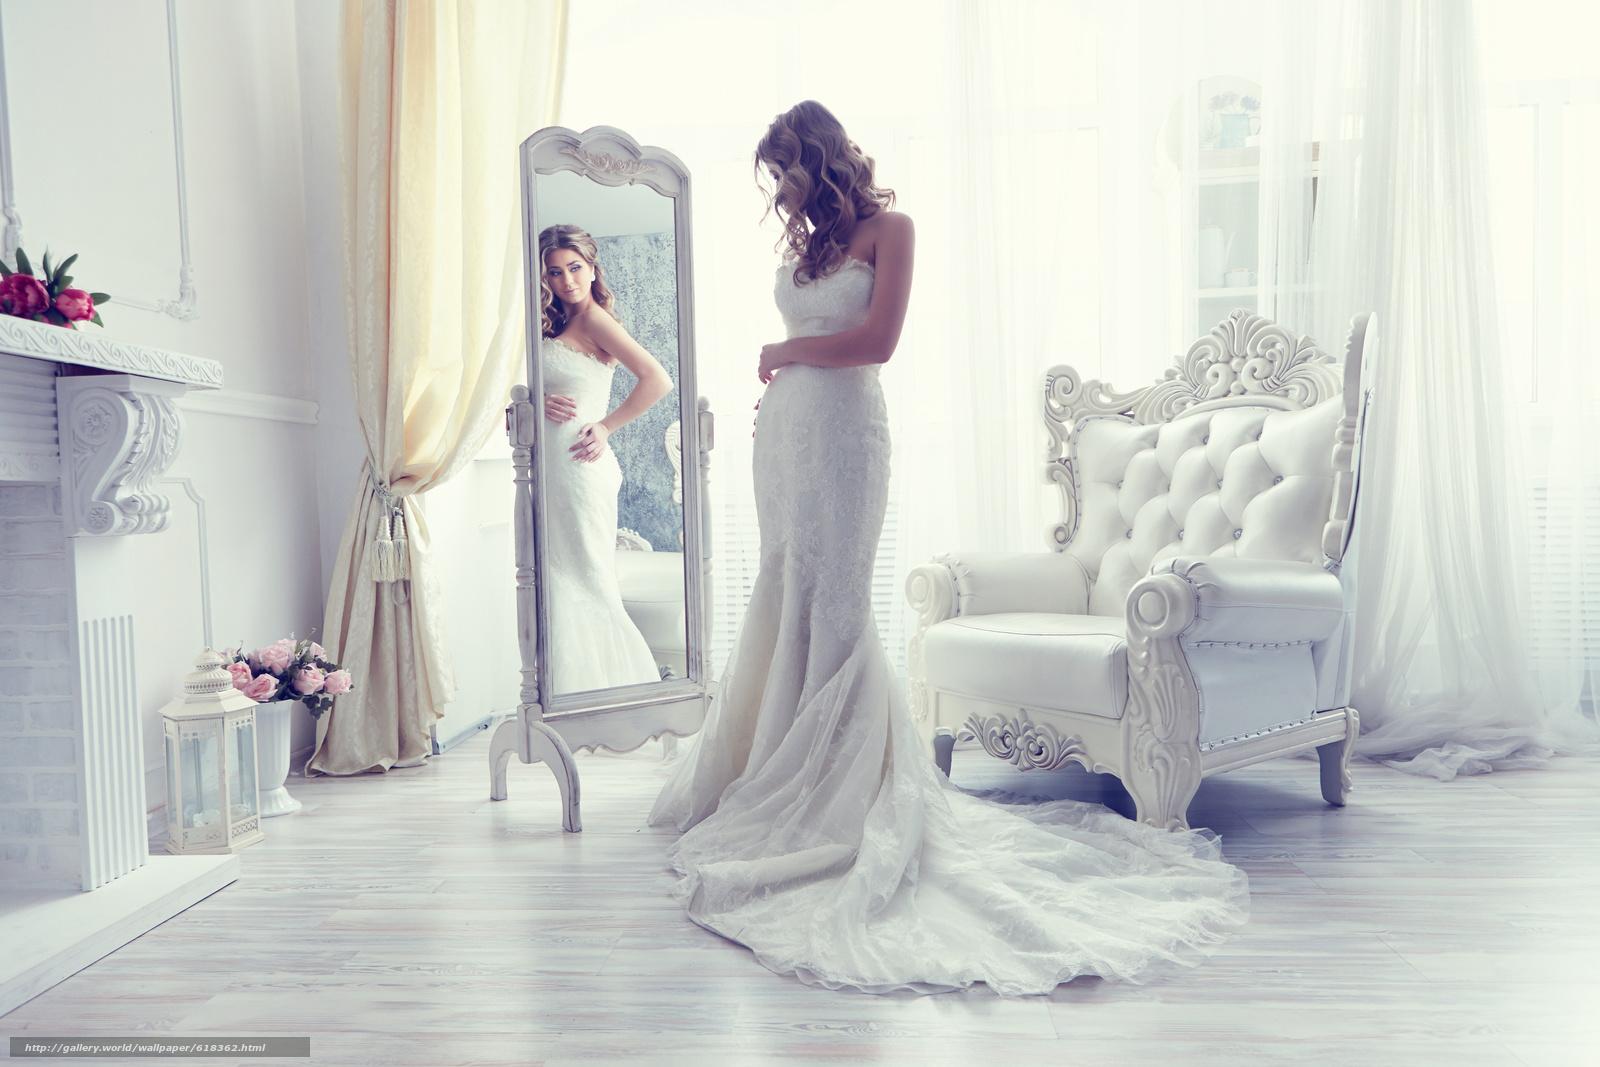 Скачать обои невеста,  свадебное платье,  платье,  зеркало бесплатно для рабочего стола в разрешении 5472x3648 — картинка №618362